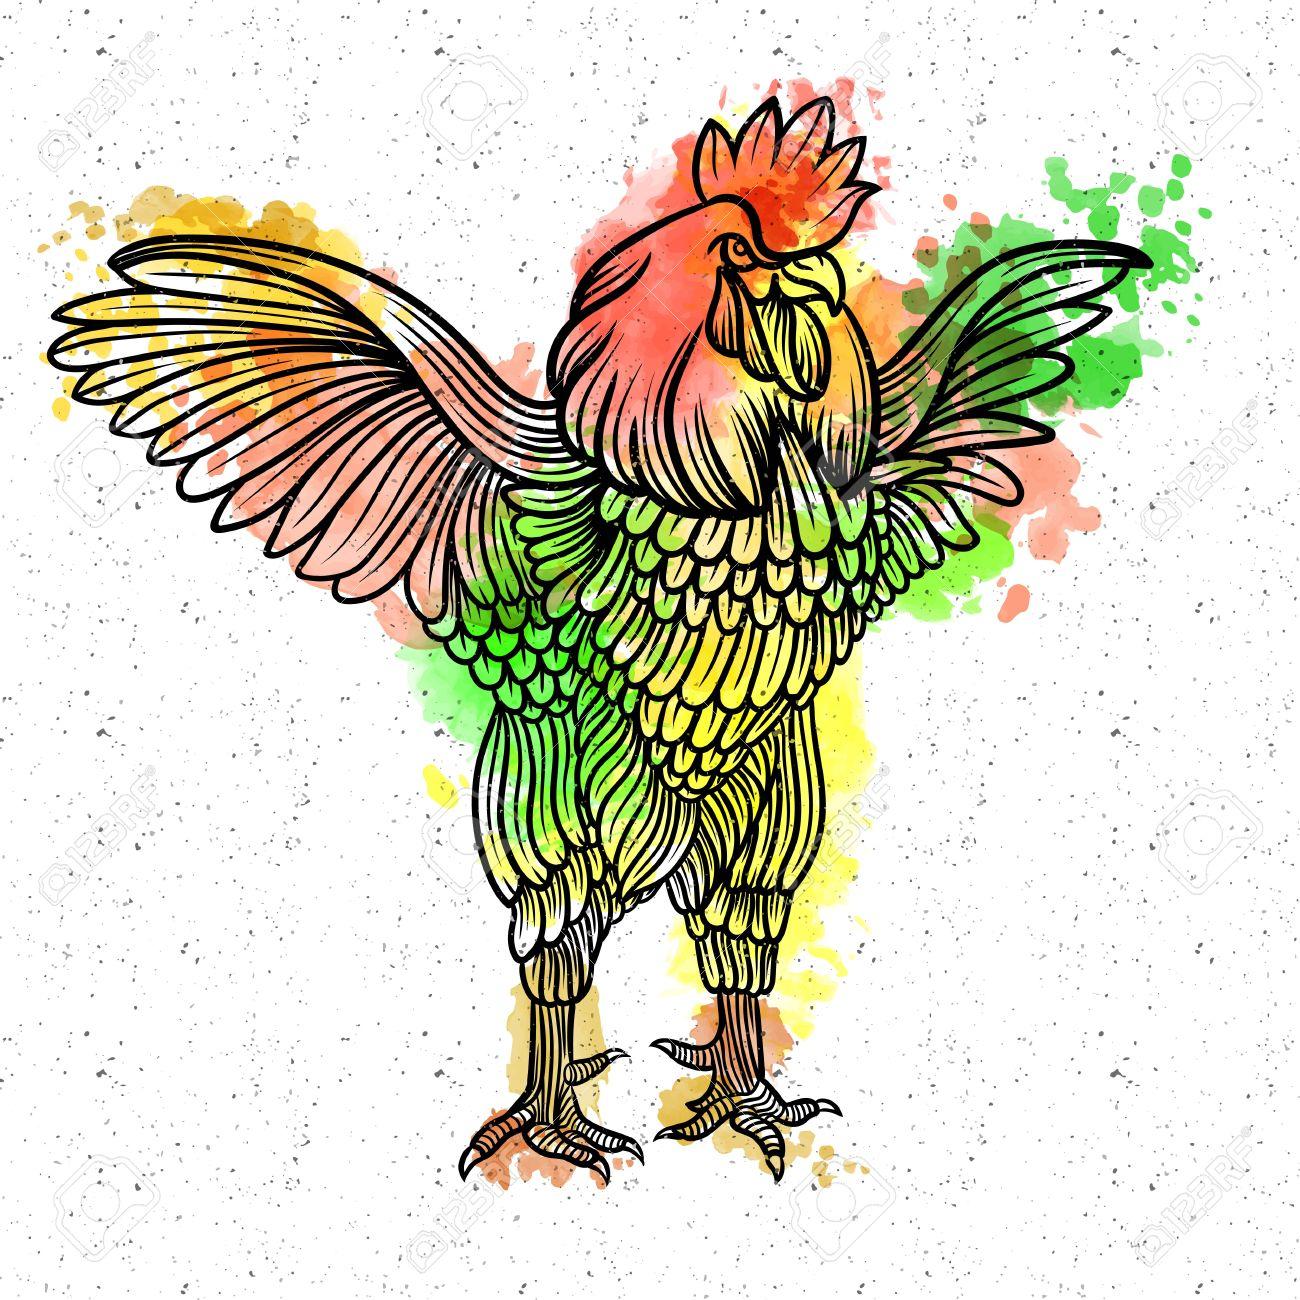 نمونه نقاشی و رنگ آمیزی ساده از خروس برای کودکان پیش دبستانی و عید نوروز 96